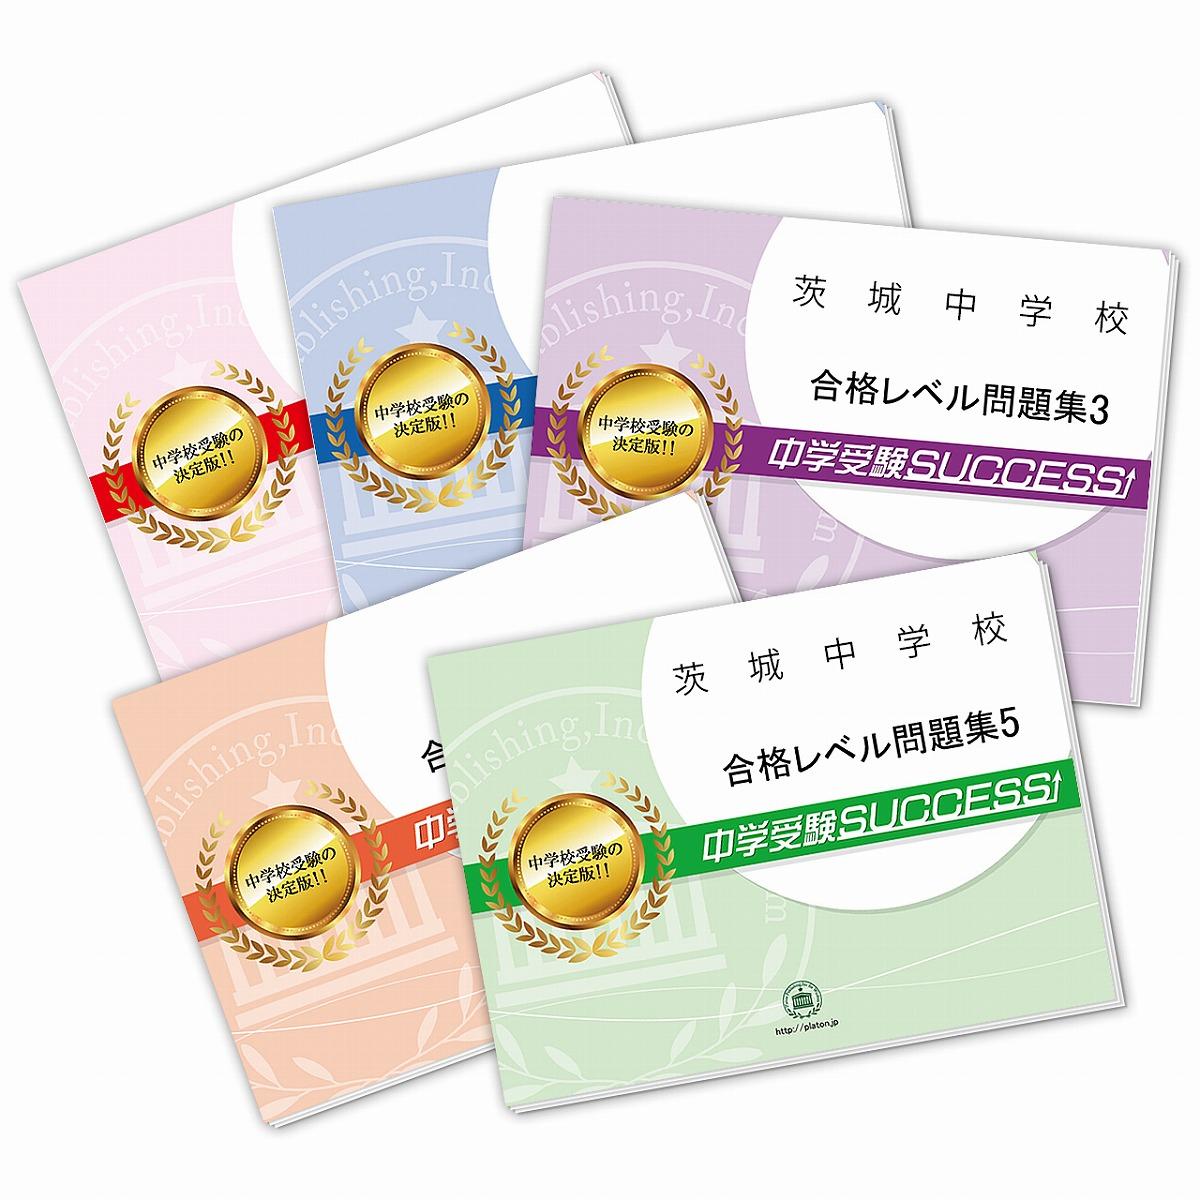 【送料・代引手数料無料】茨城中学校・直前対策合格セット(5冊)